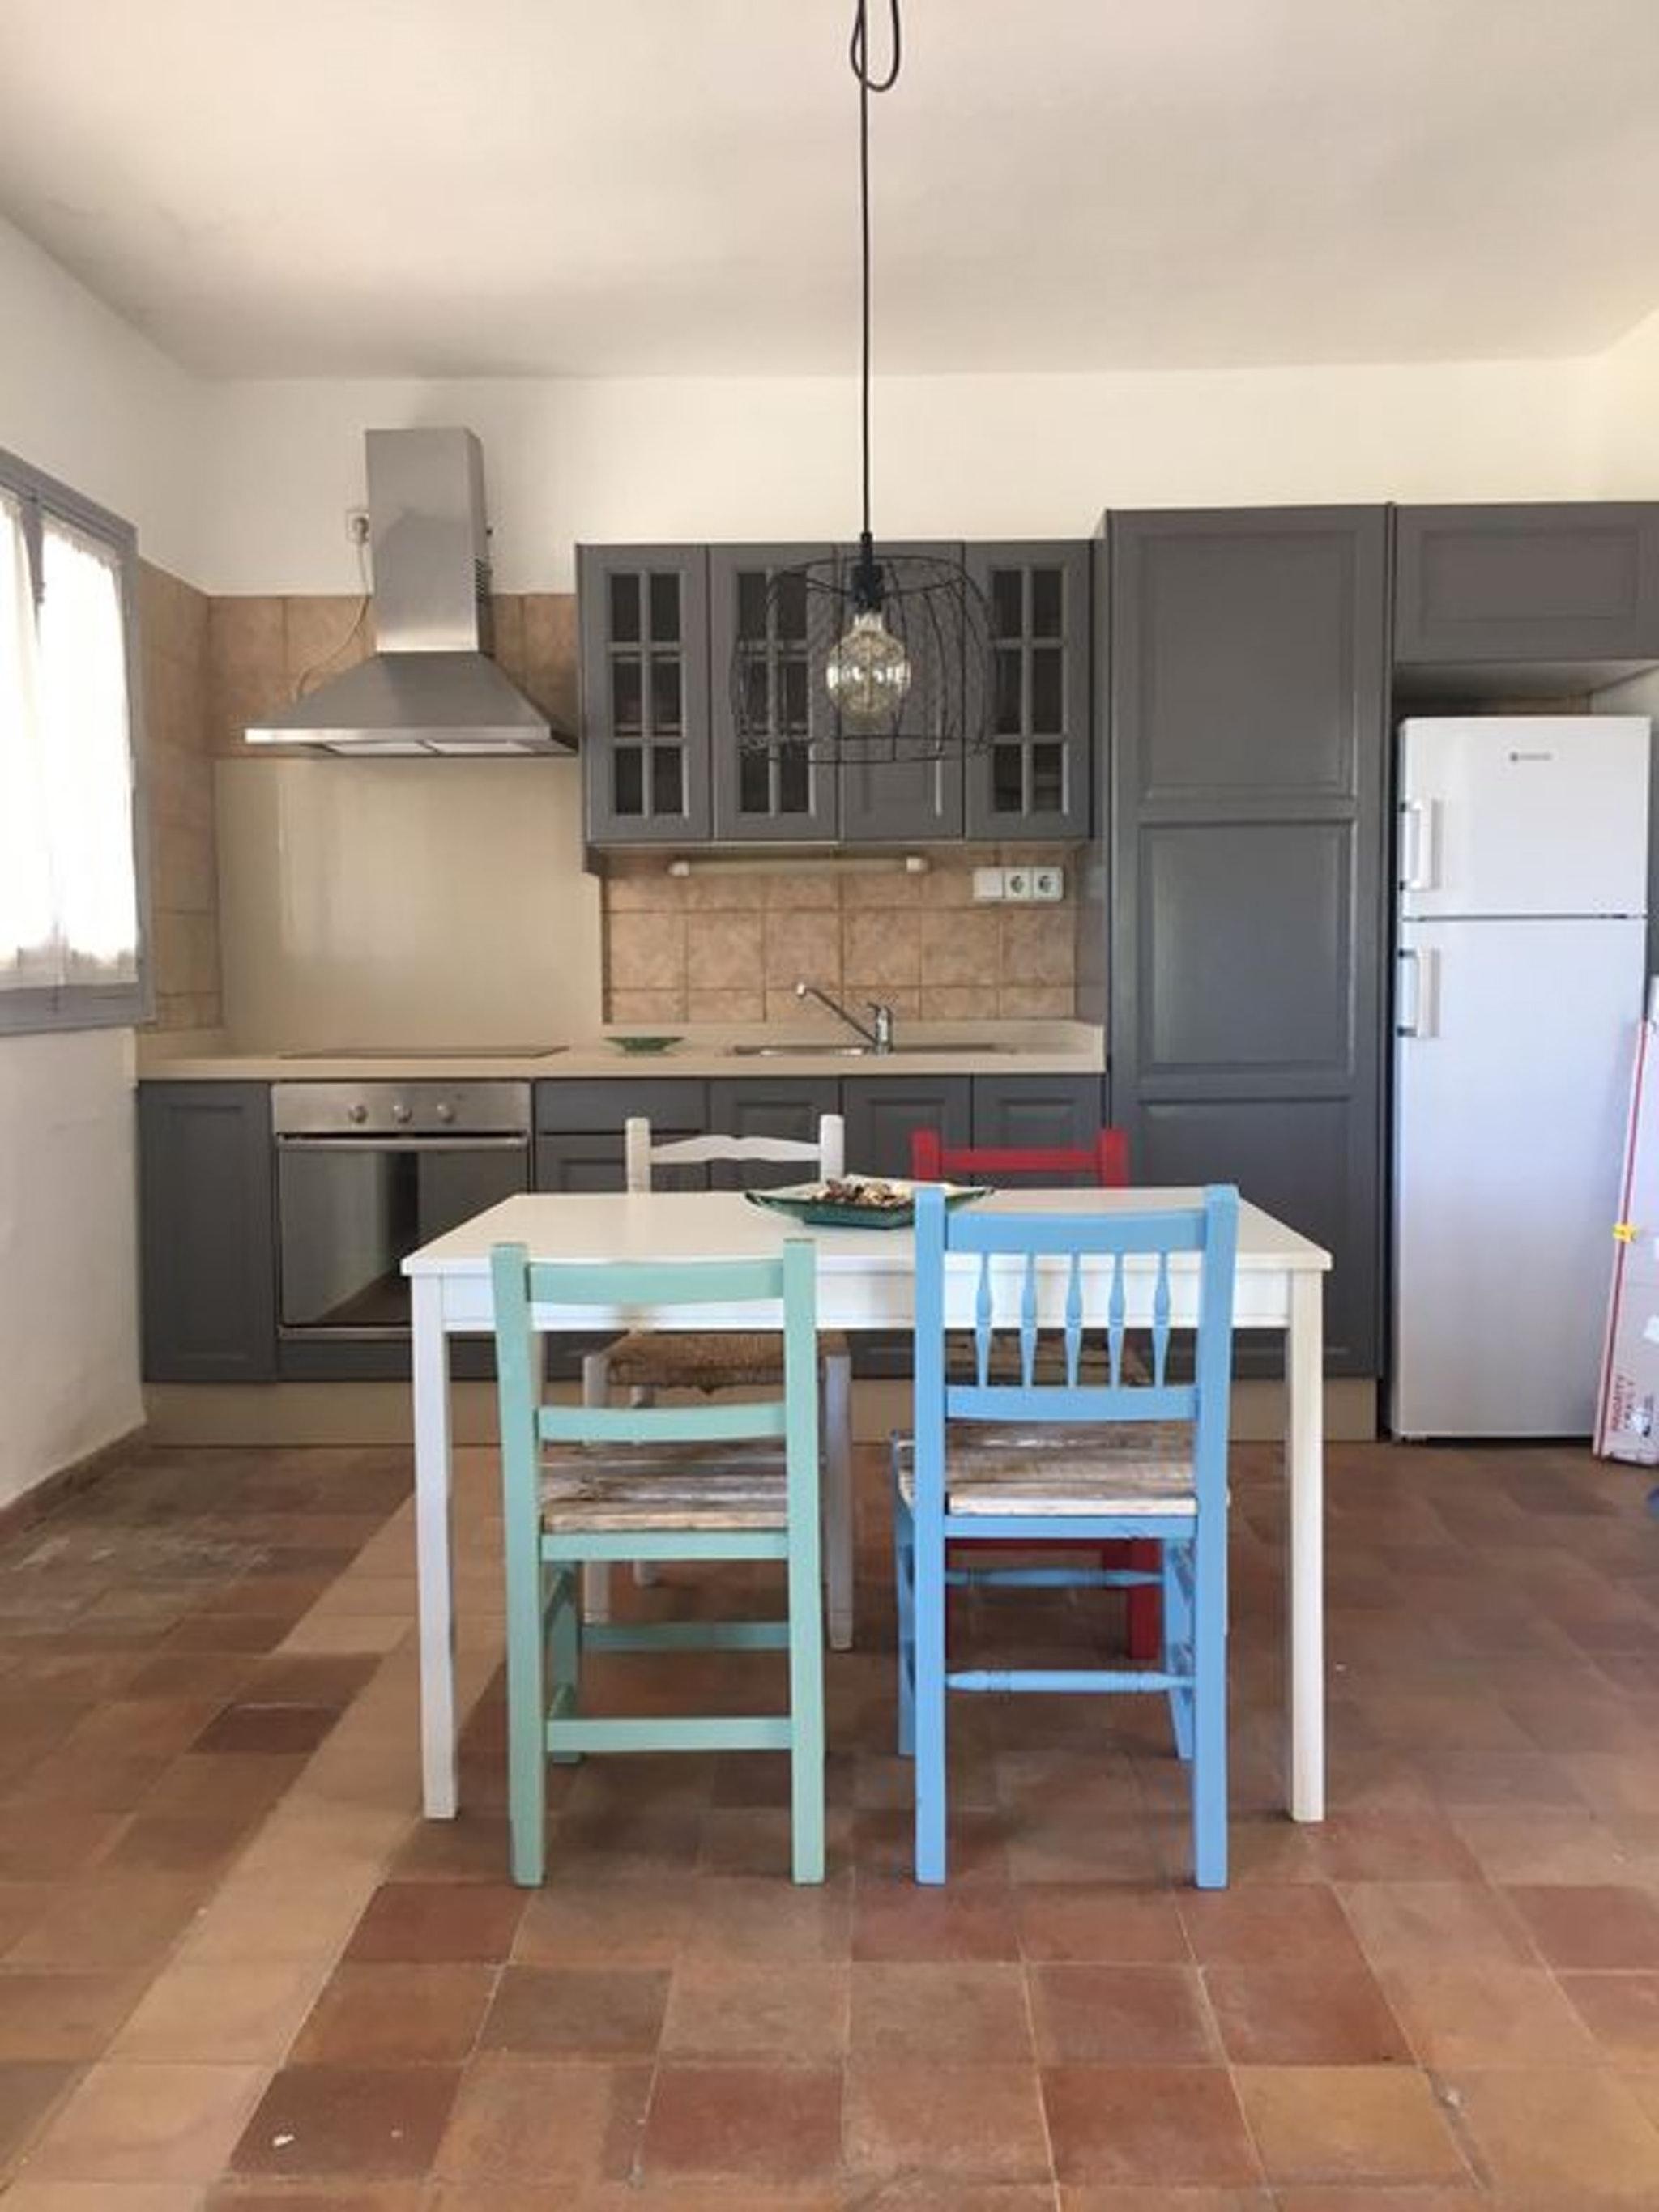 Maison de vacances Haus mit 3 Schlafzimmern in Formentera mit eingezäuntem Garten und W-LAN - 5 km vom Strand (2620580), San Francisco Javier, Formentera, Iles Baléares, Espagne, image 16